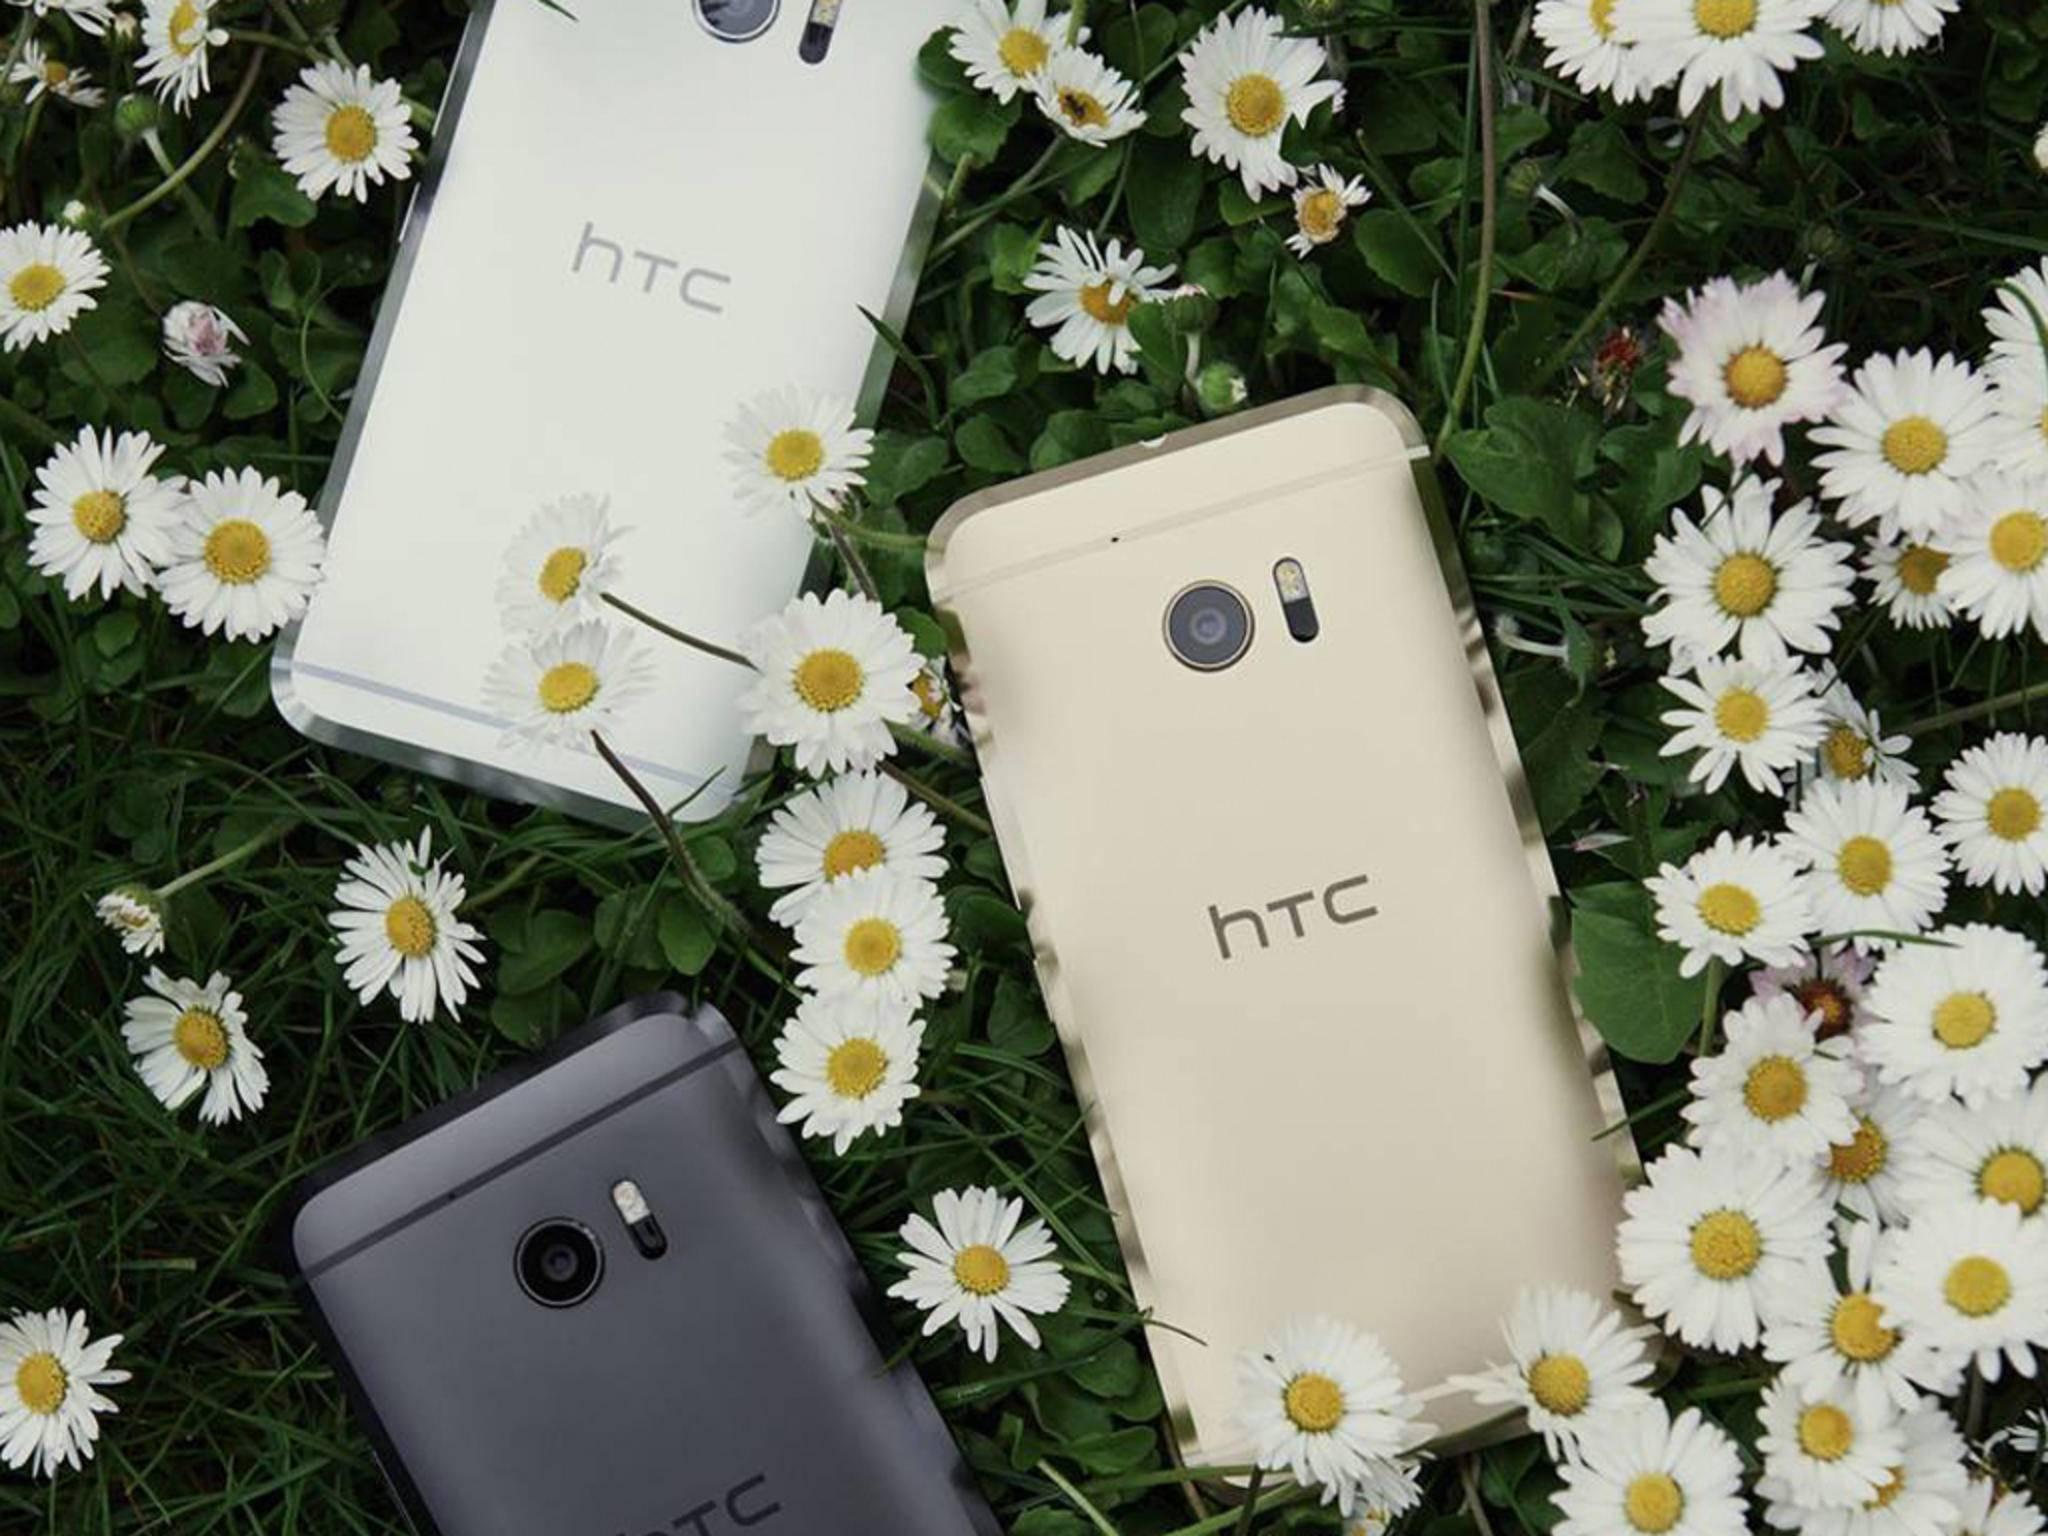 HTC hat schon Updates angekündigt.